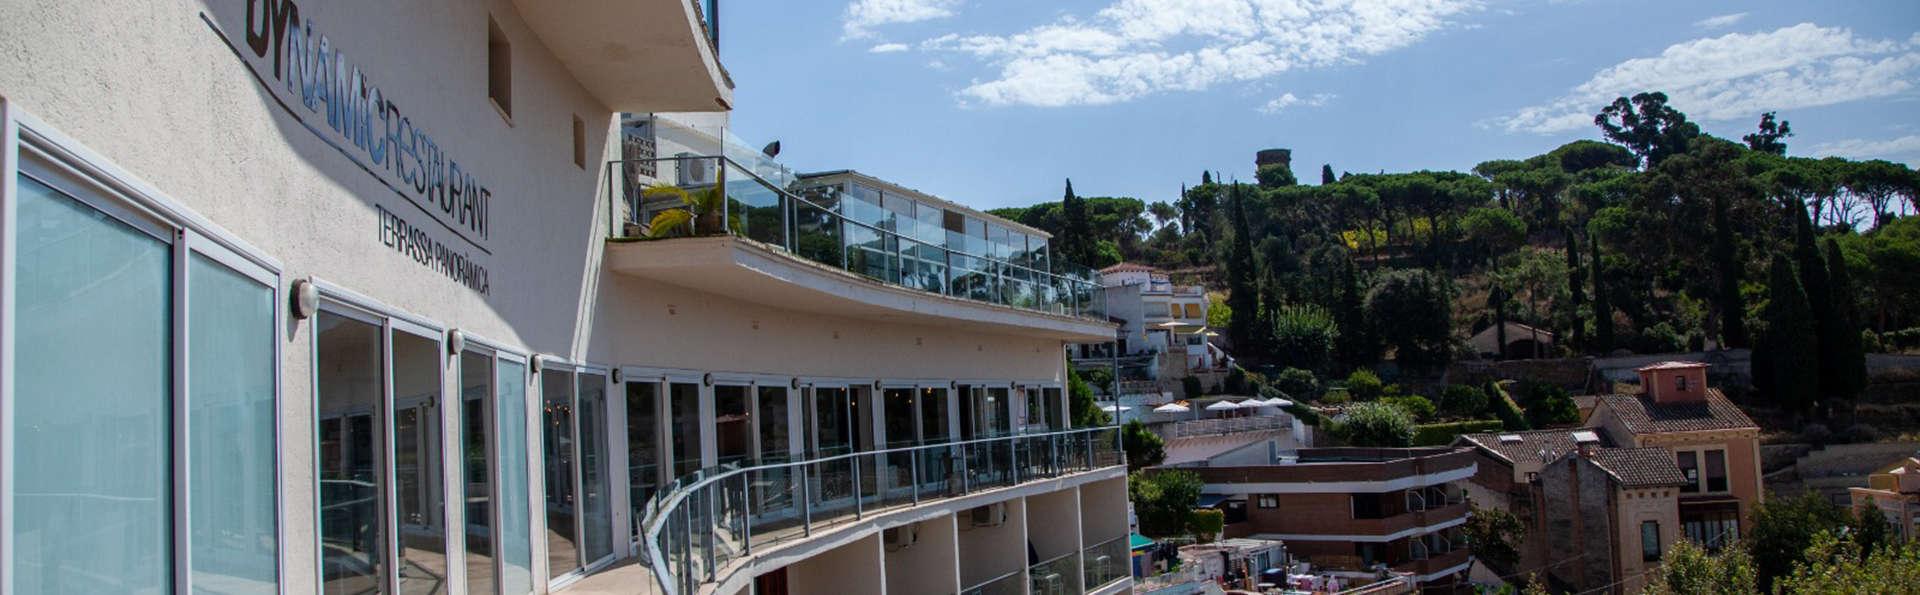 Dynamic Hotels Caldetes - EDIT_VISTAS.jpg